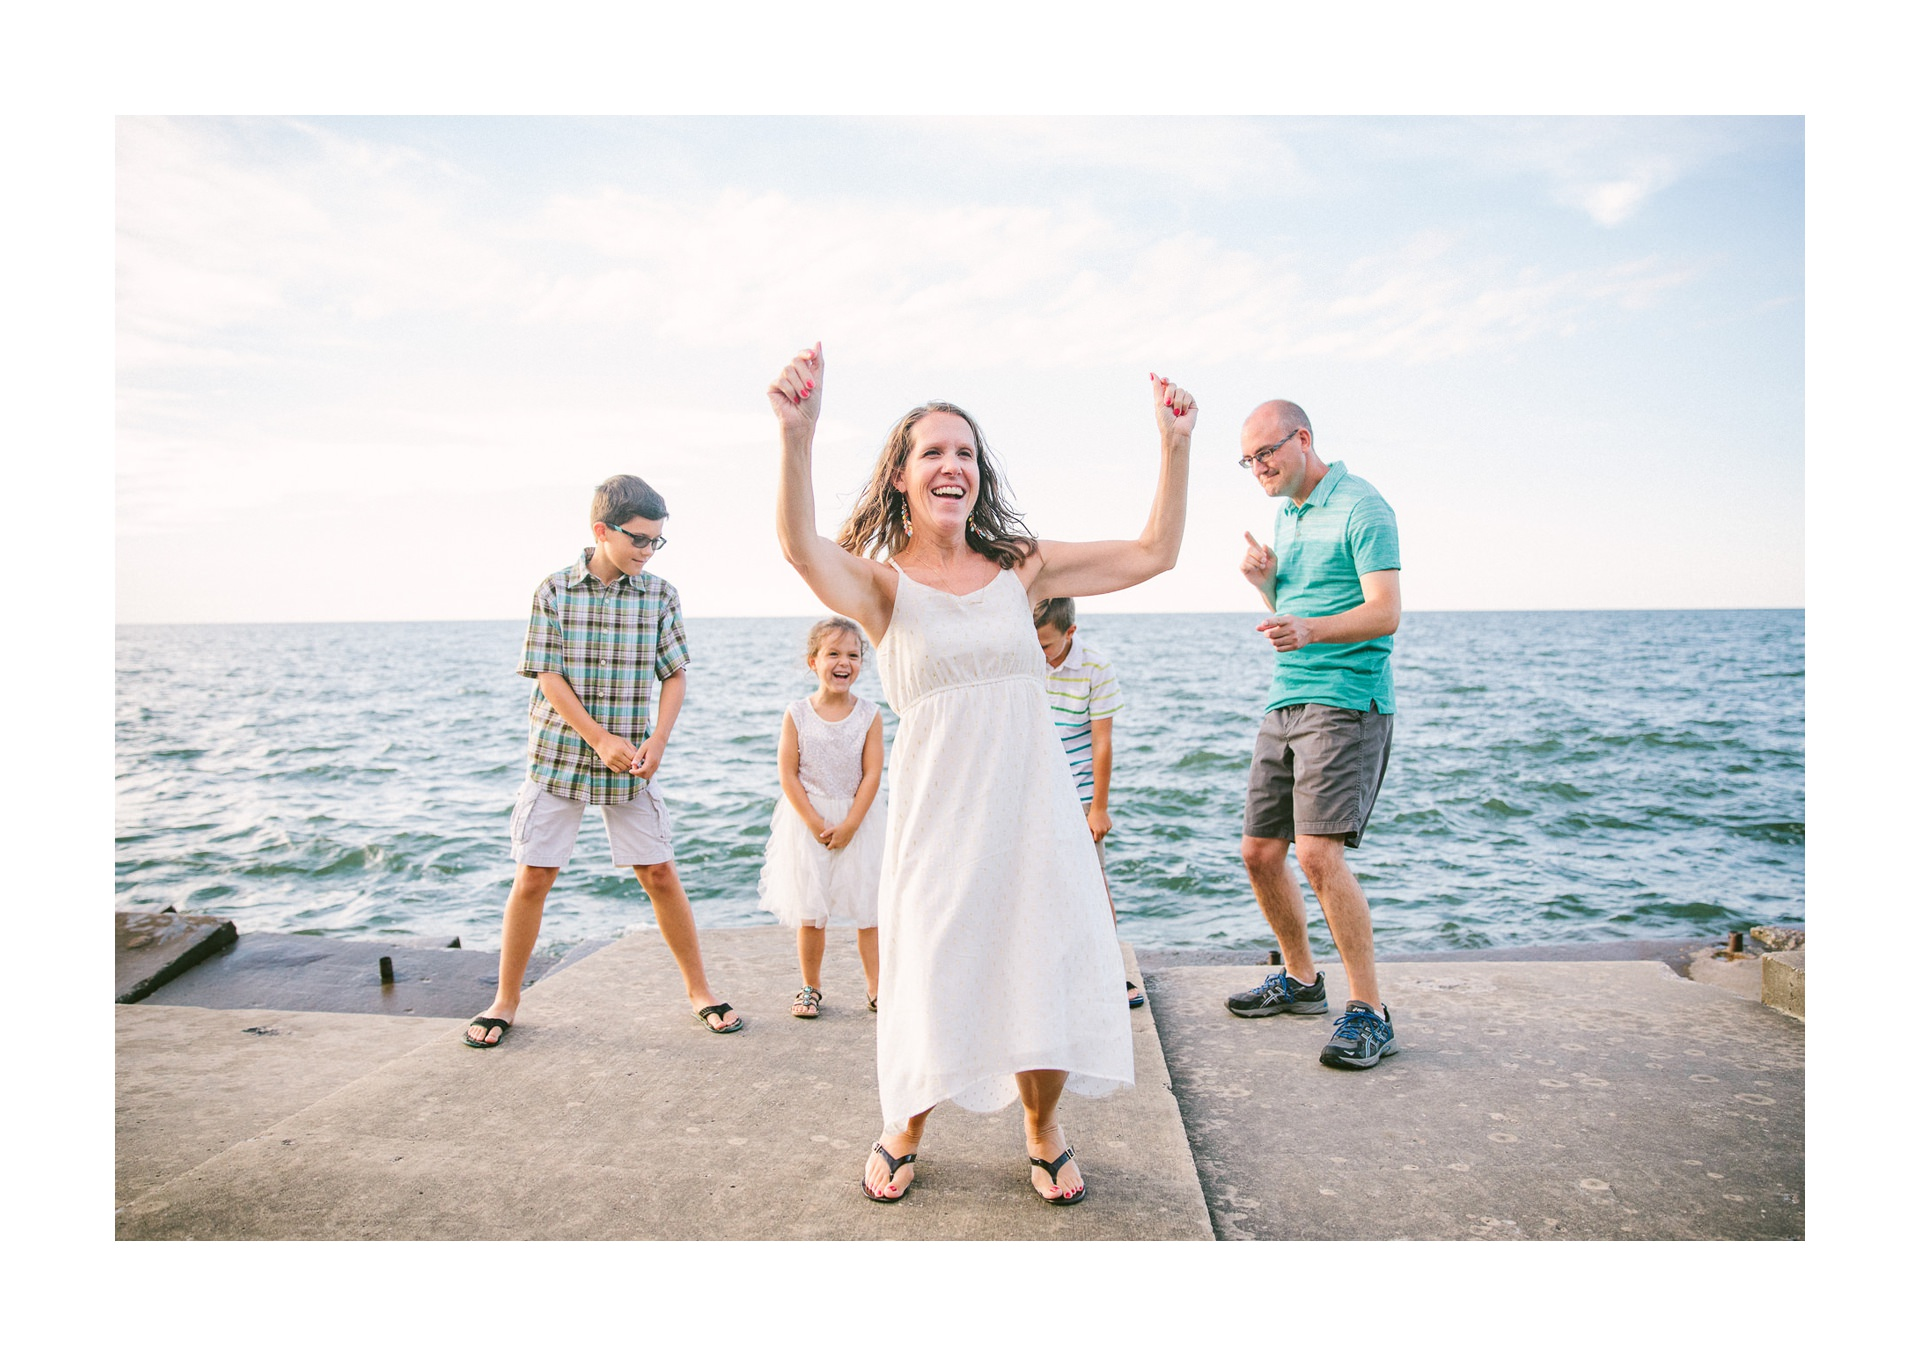 Lakewood Ohio Lifestyle Family Photographer 8.jpg